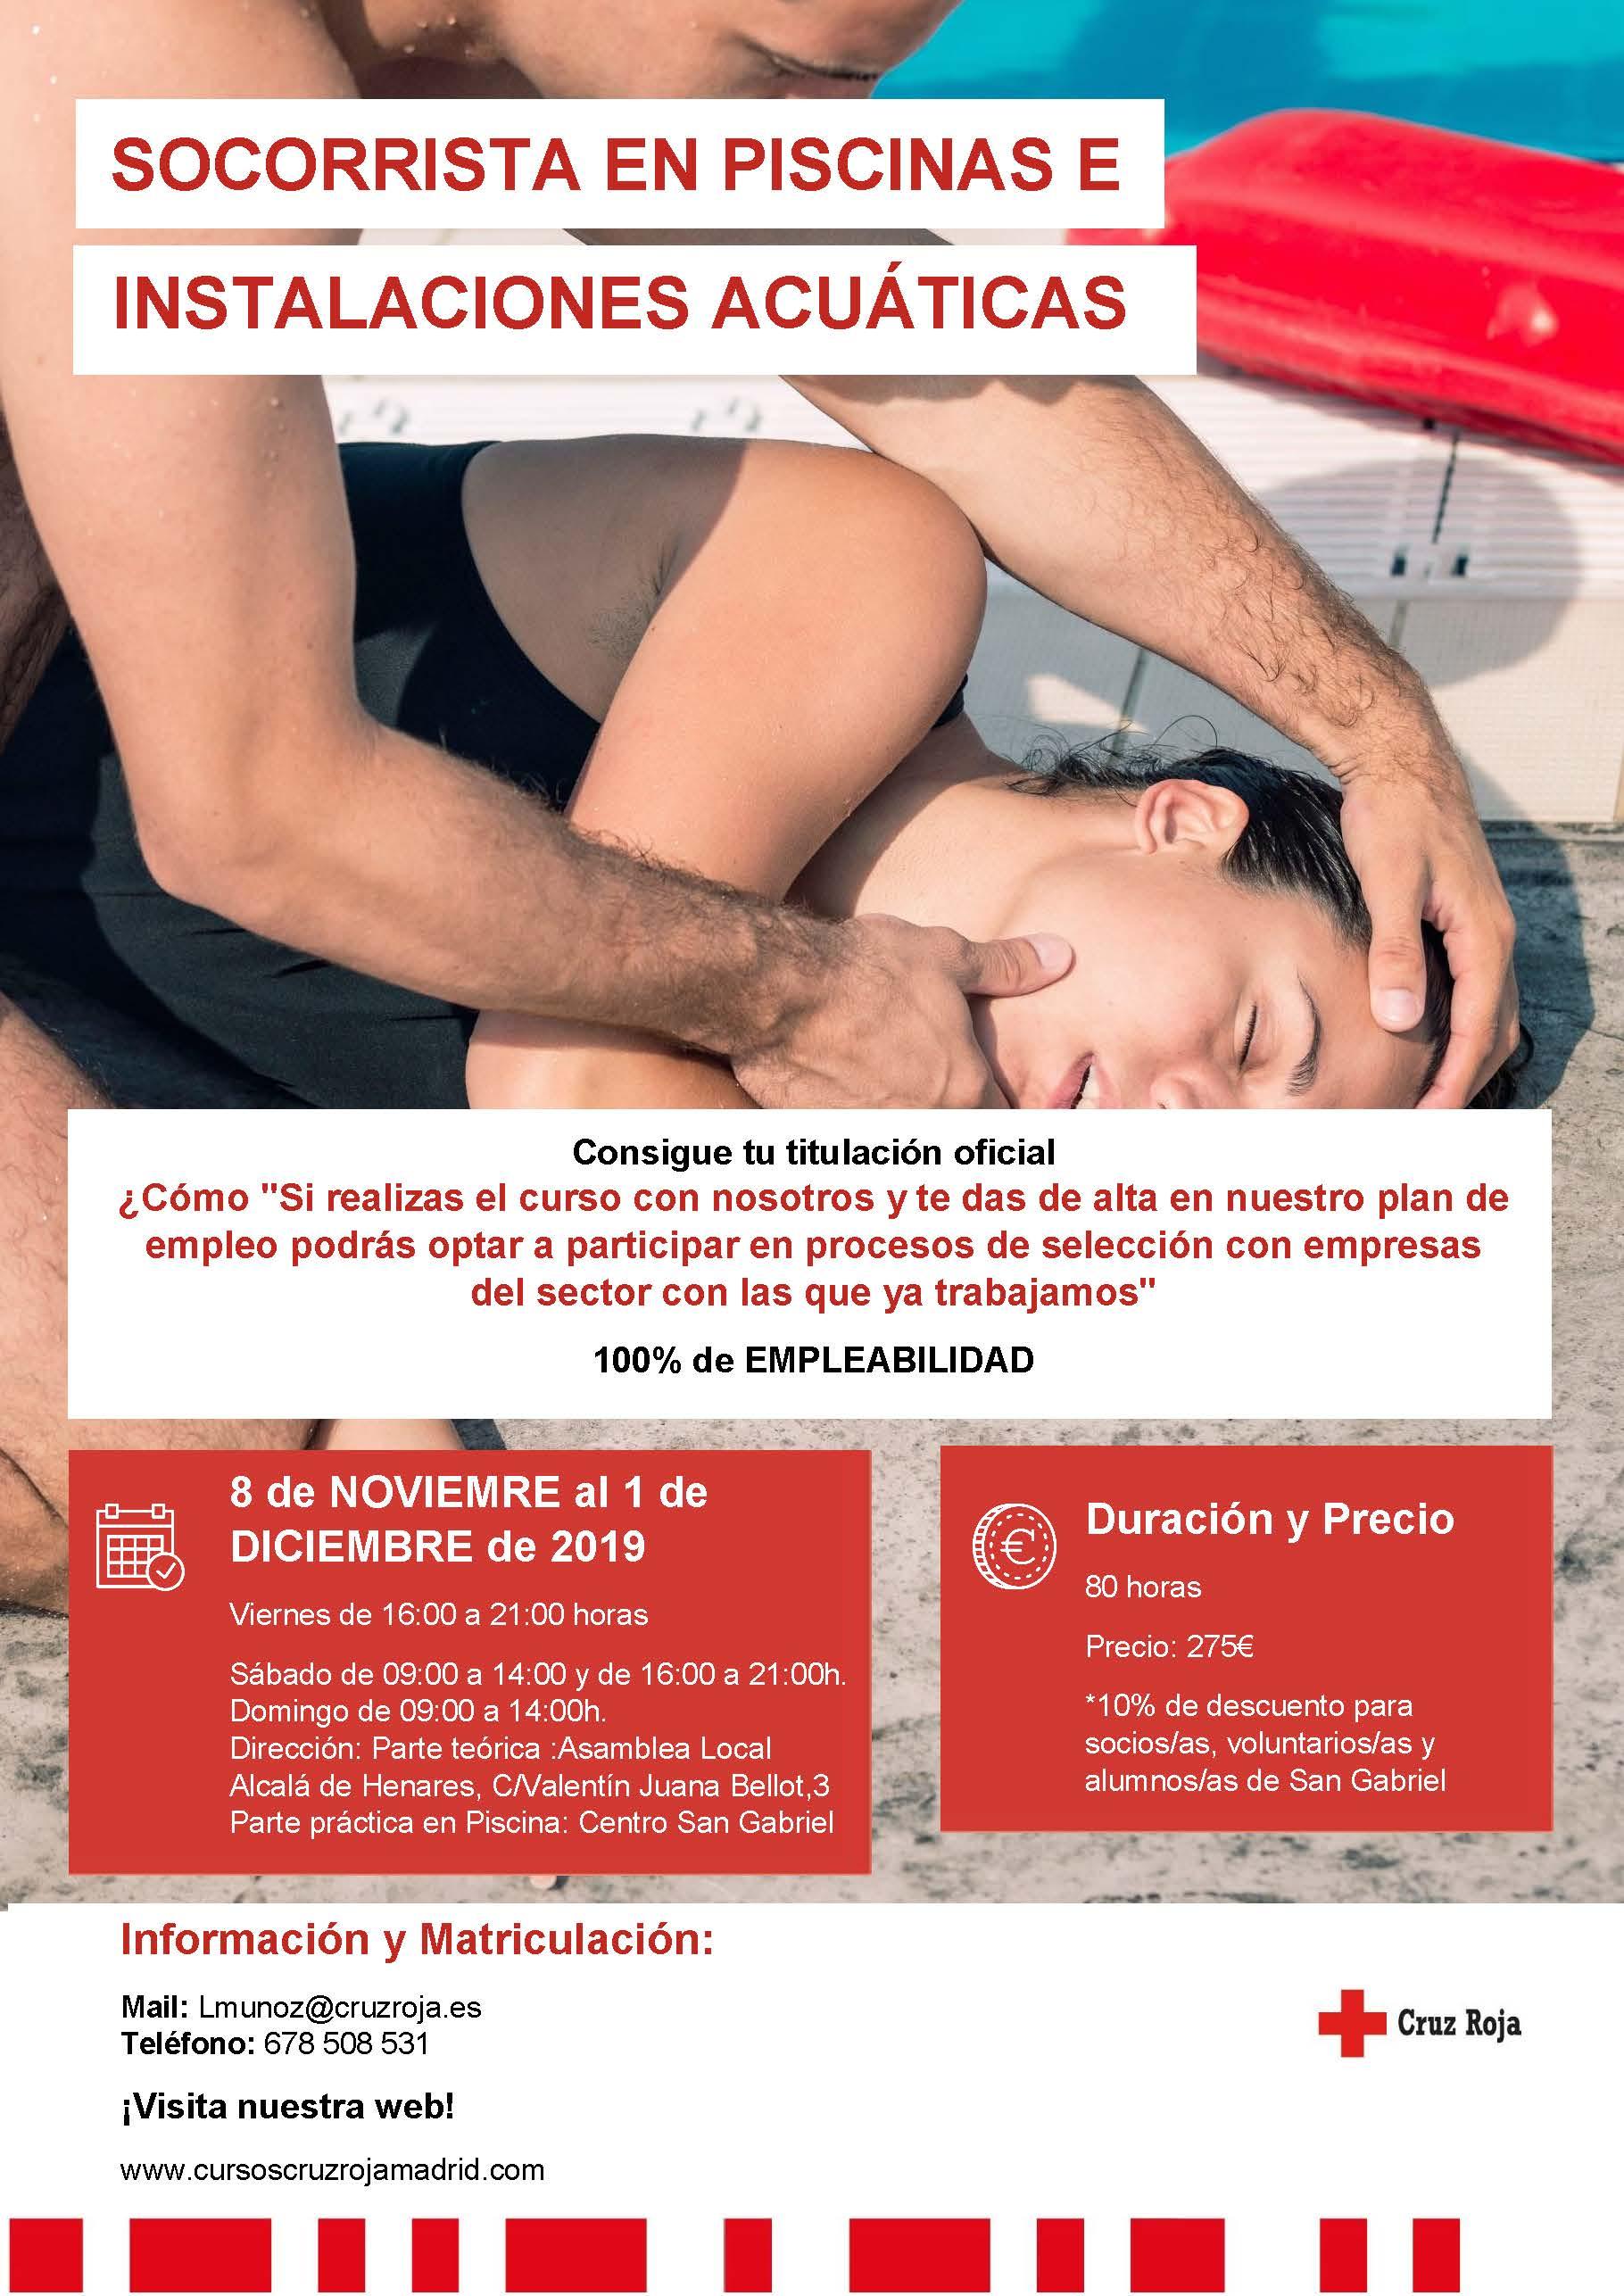 Curso de Socorrista en piscinas e instalaciones acuáticas - Noviembre 2019